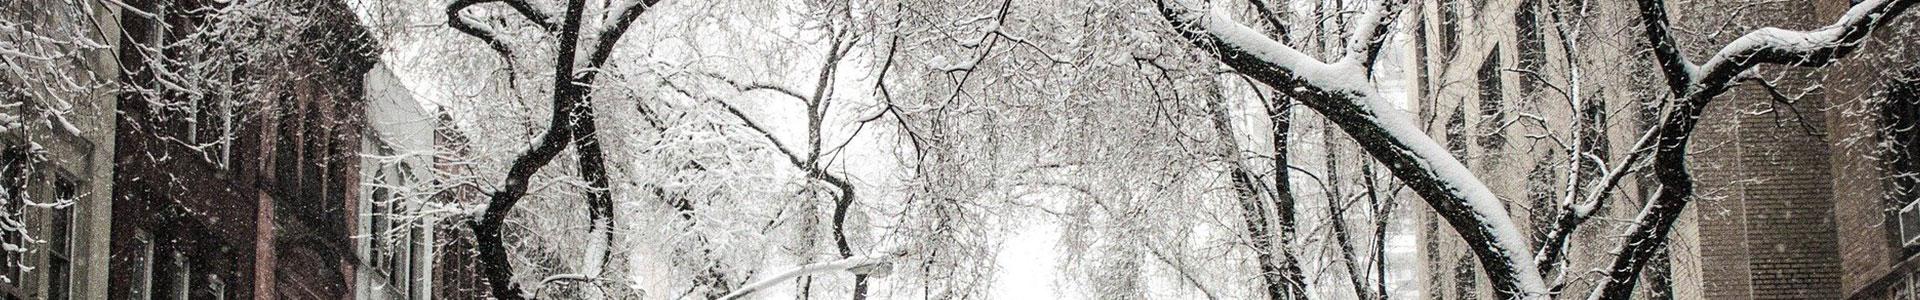 image-générique-hiver